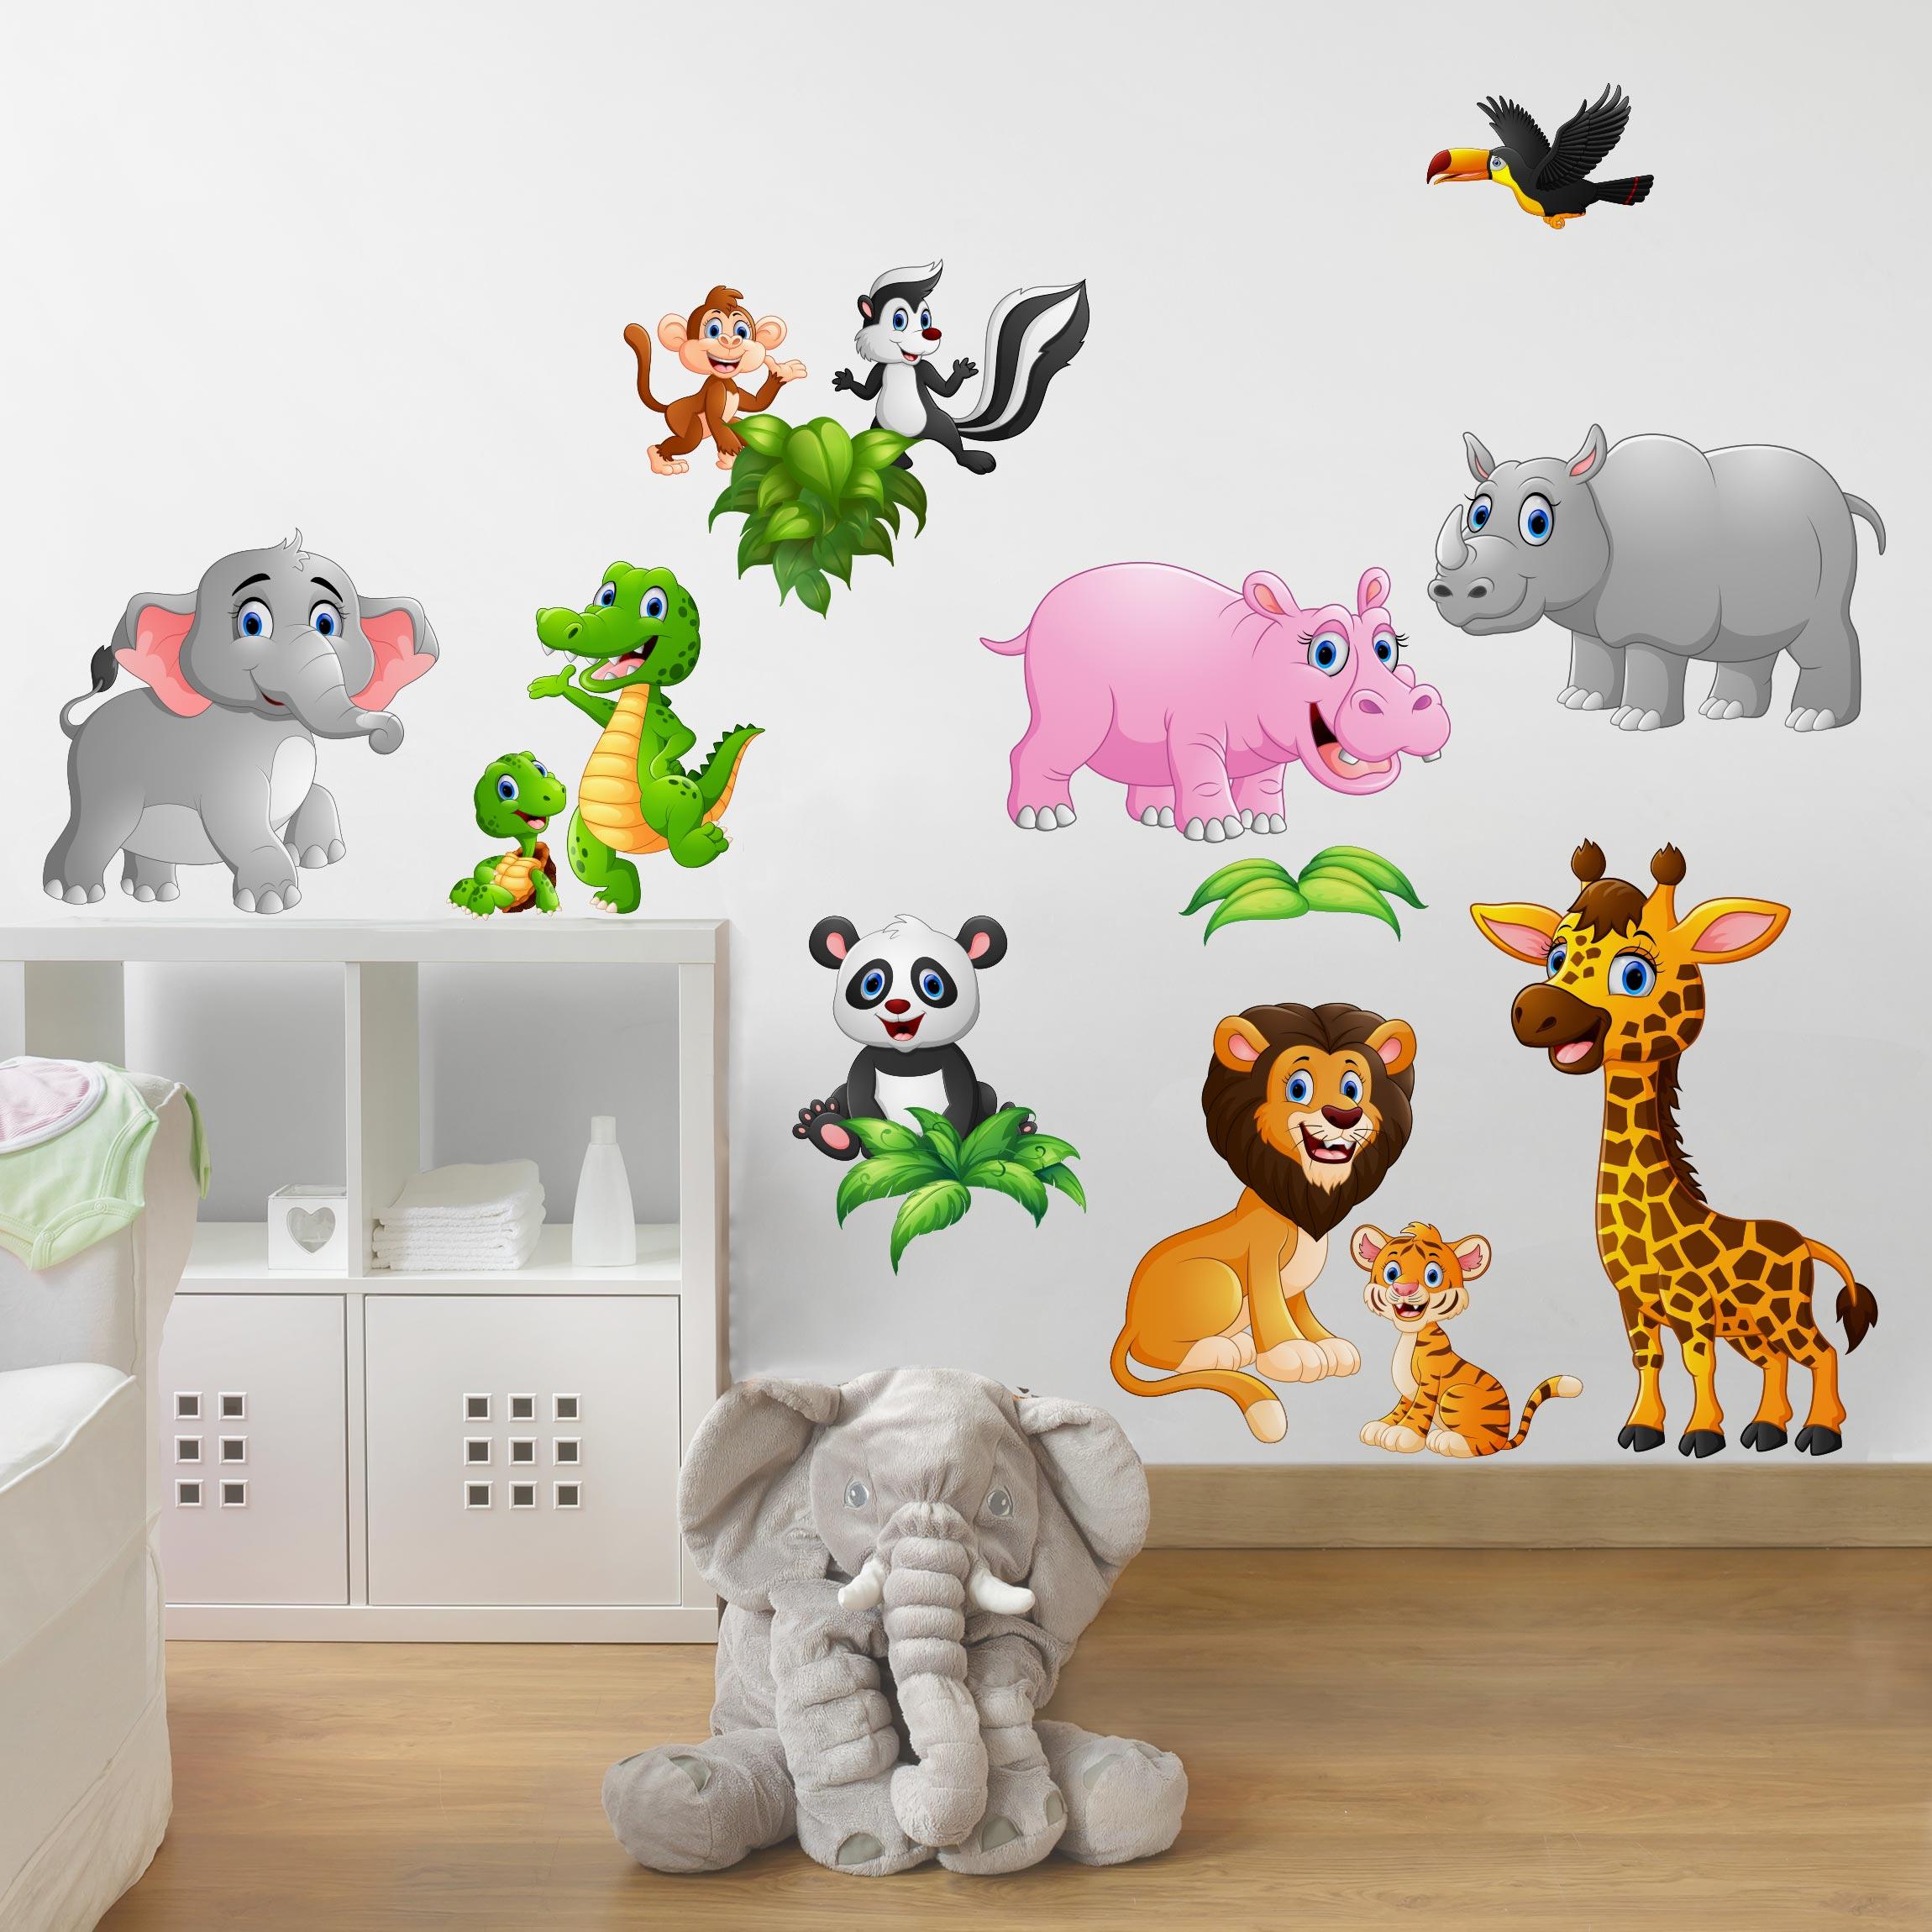 Full Size of Wandtattoo Kinderzimmer Tiere Des Dschungels Schlafzimmer Wandtattoos Bad Sprüche Regal Weiß Wohnzimmer Badezimmer Sofa Küche Regale Kinderzimmer Wandtattoo Kinderzimmer Tiere